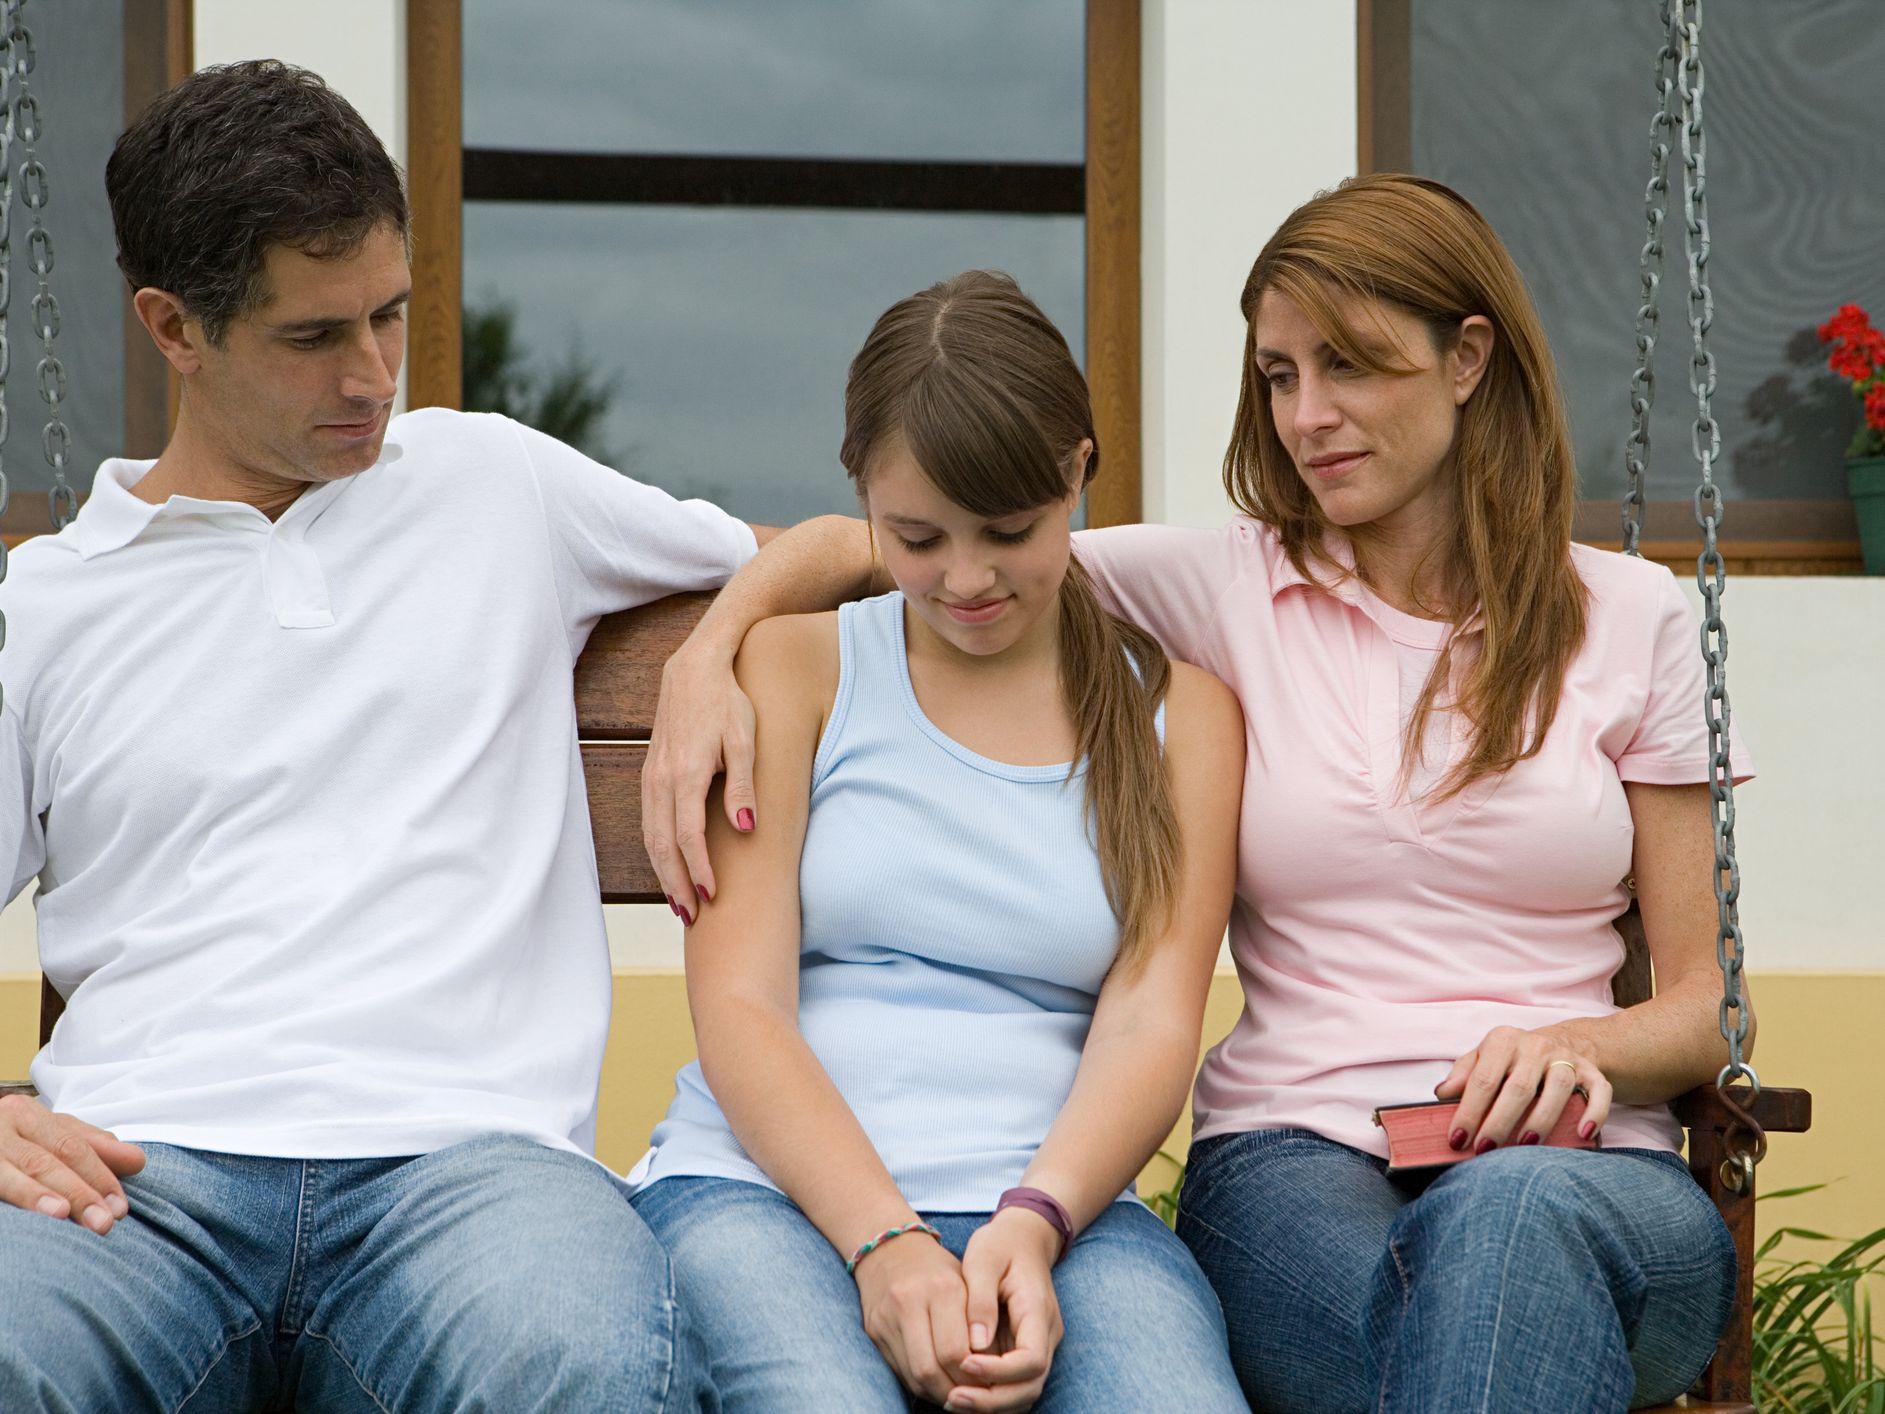 Obedient Teens